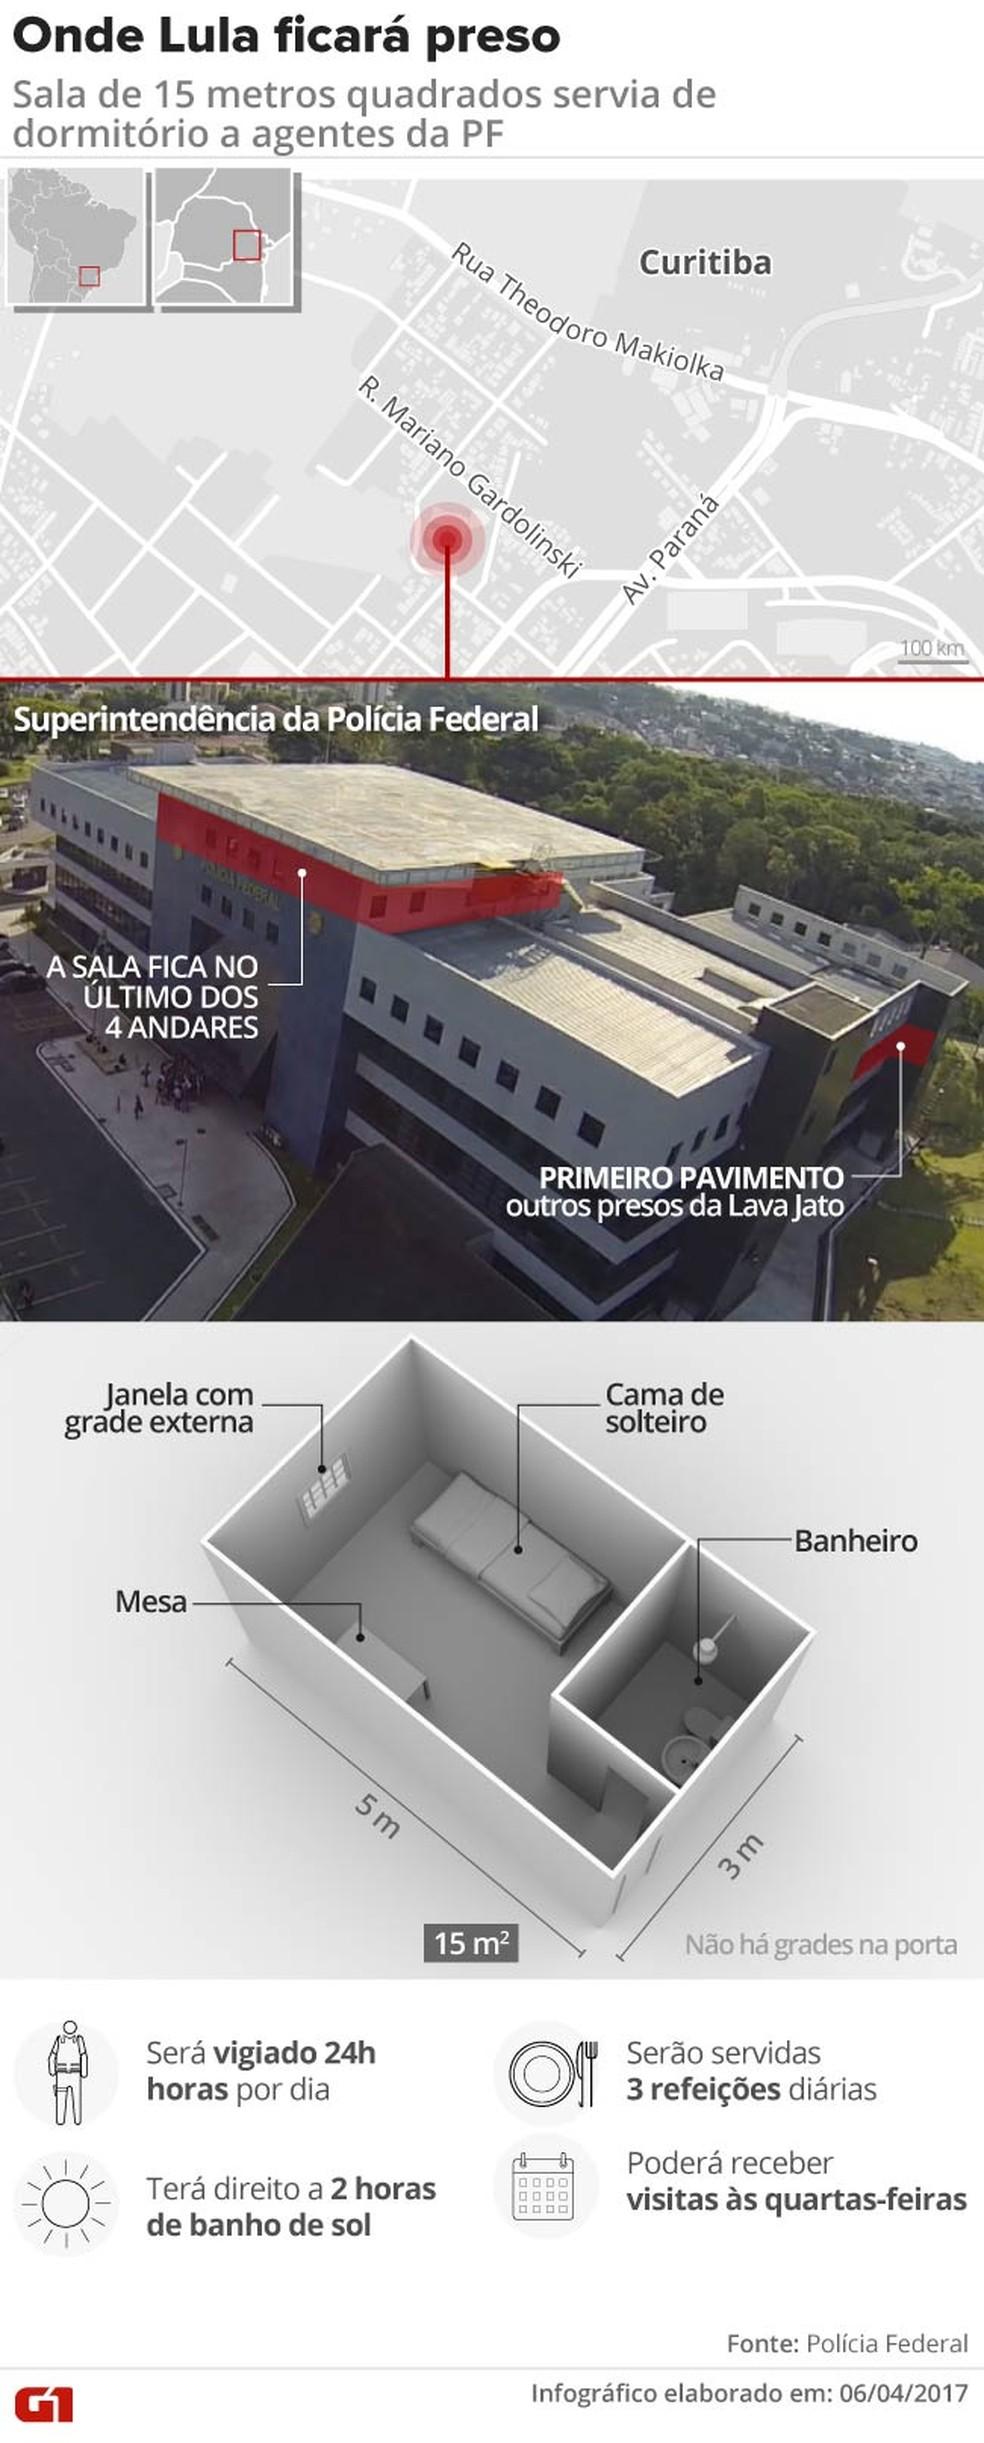 Sala especial em que o ex-presidente Lula ficará preso, na sede da PF em Curitiba (Foto: Infográfico: Rodrigo Cunha/G1)